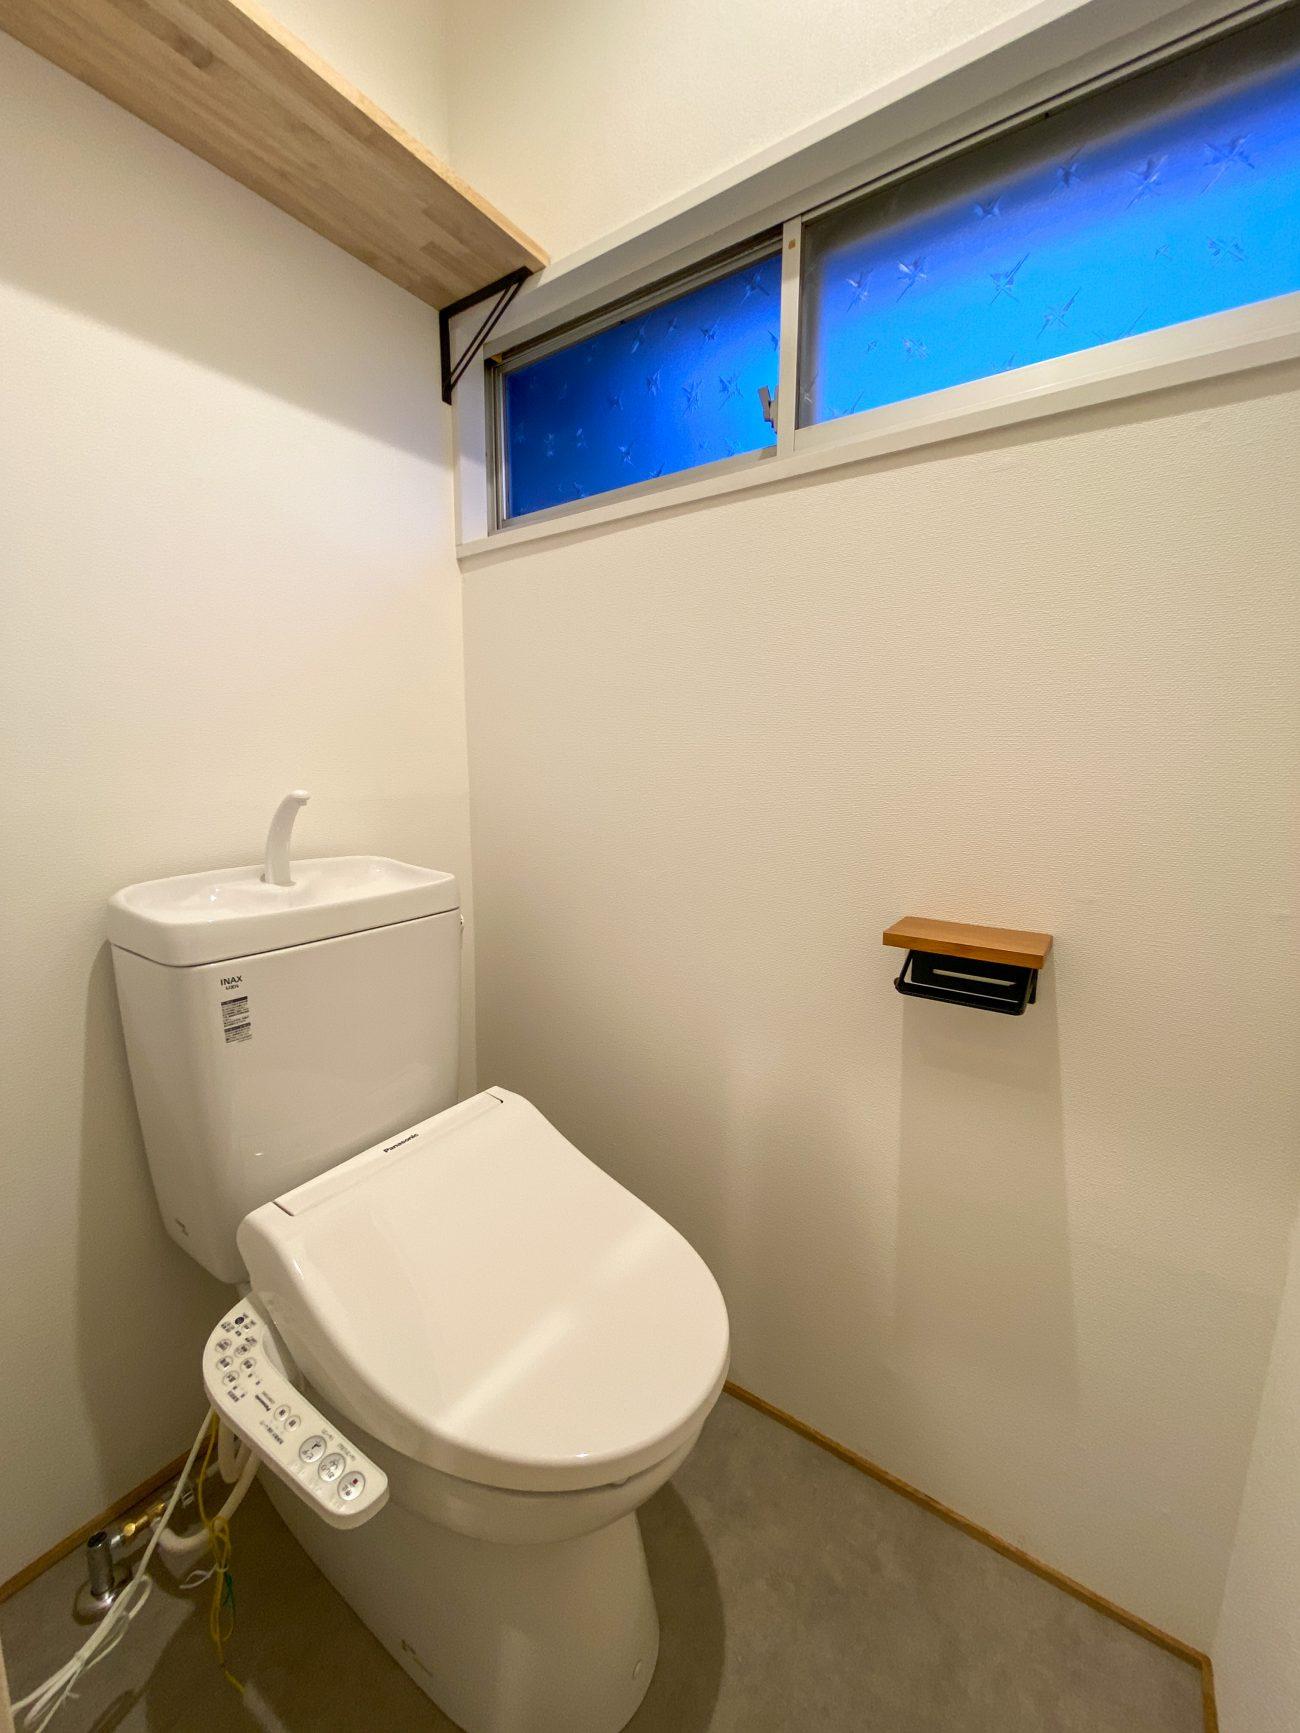 志木 築47年 木造 33m2アパートを内外装フルリニューアルで工事中に全室満室にの画像